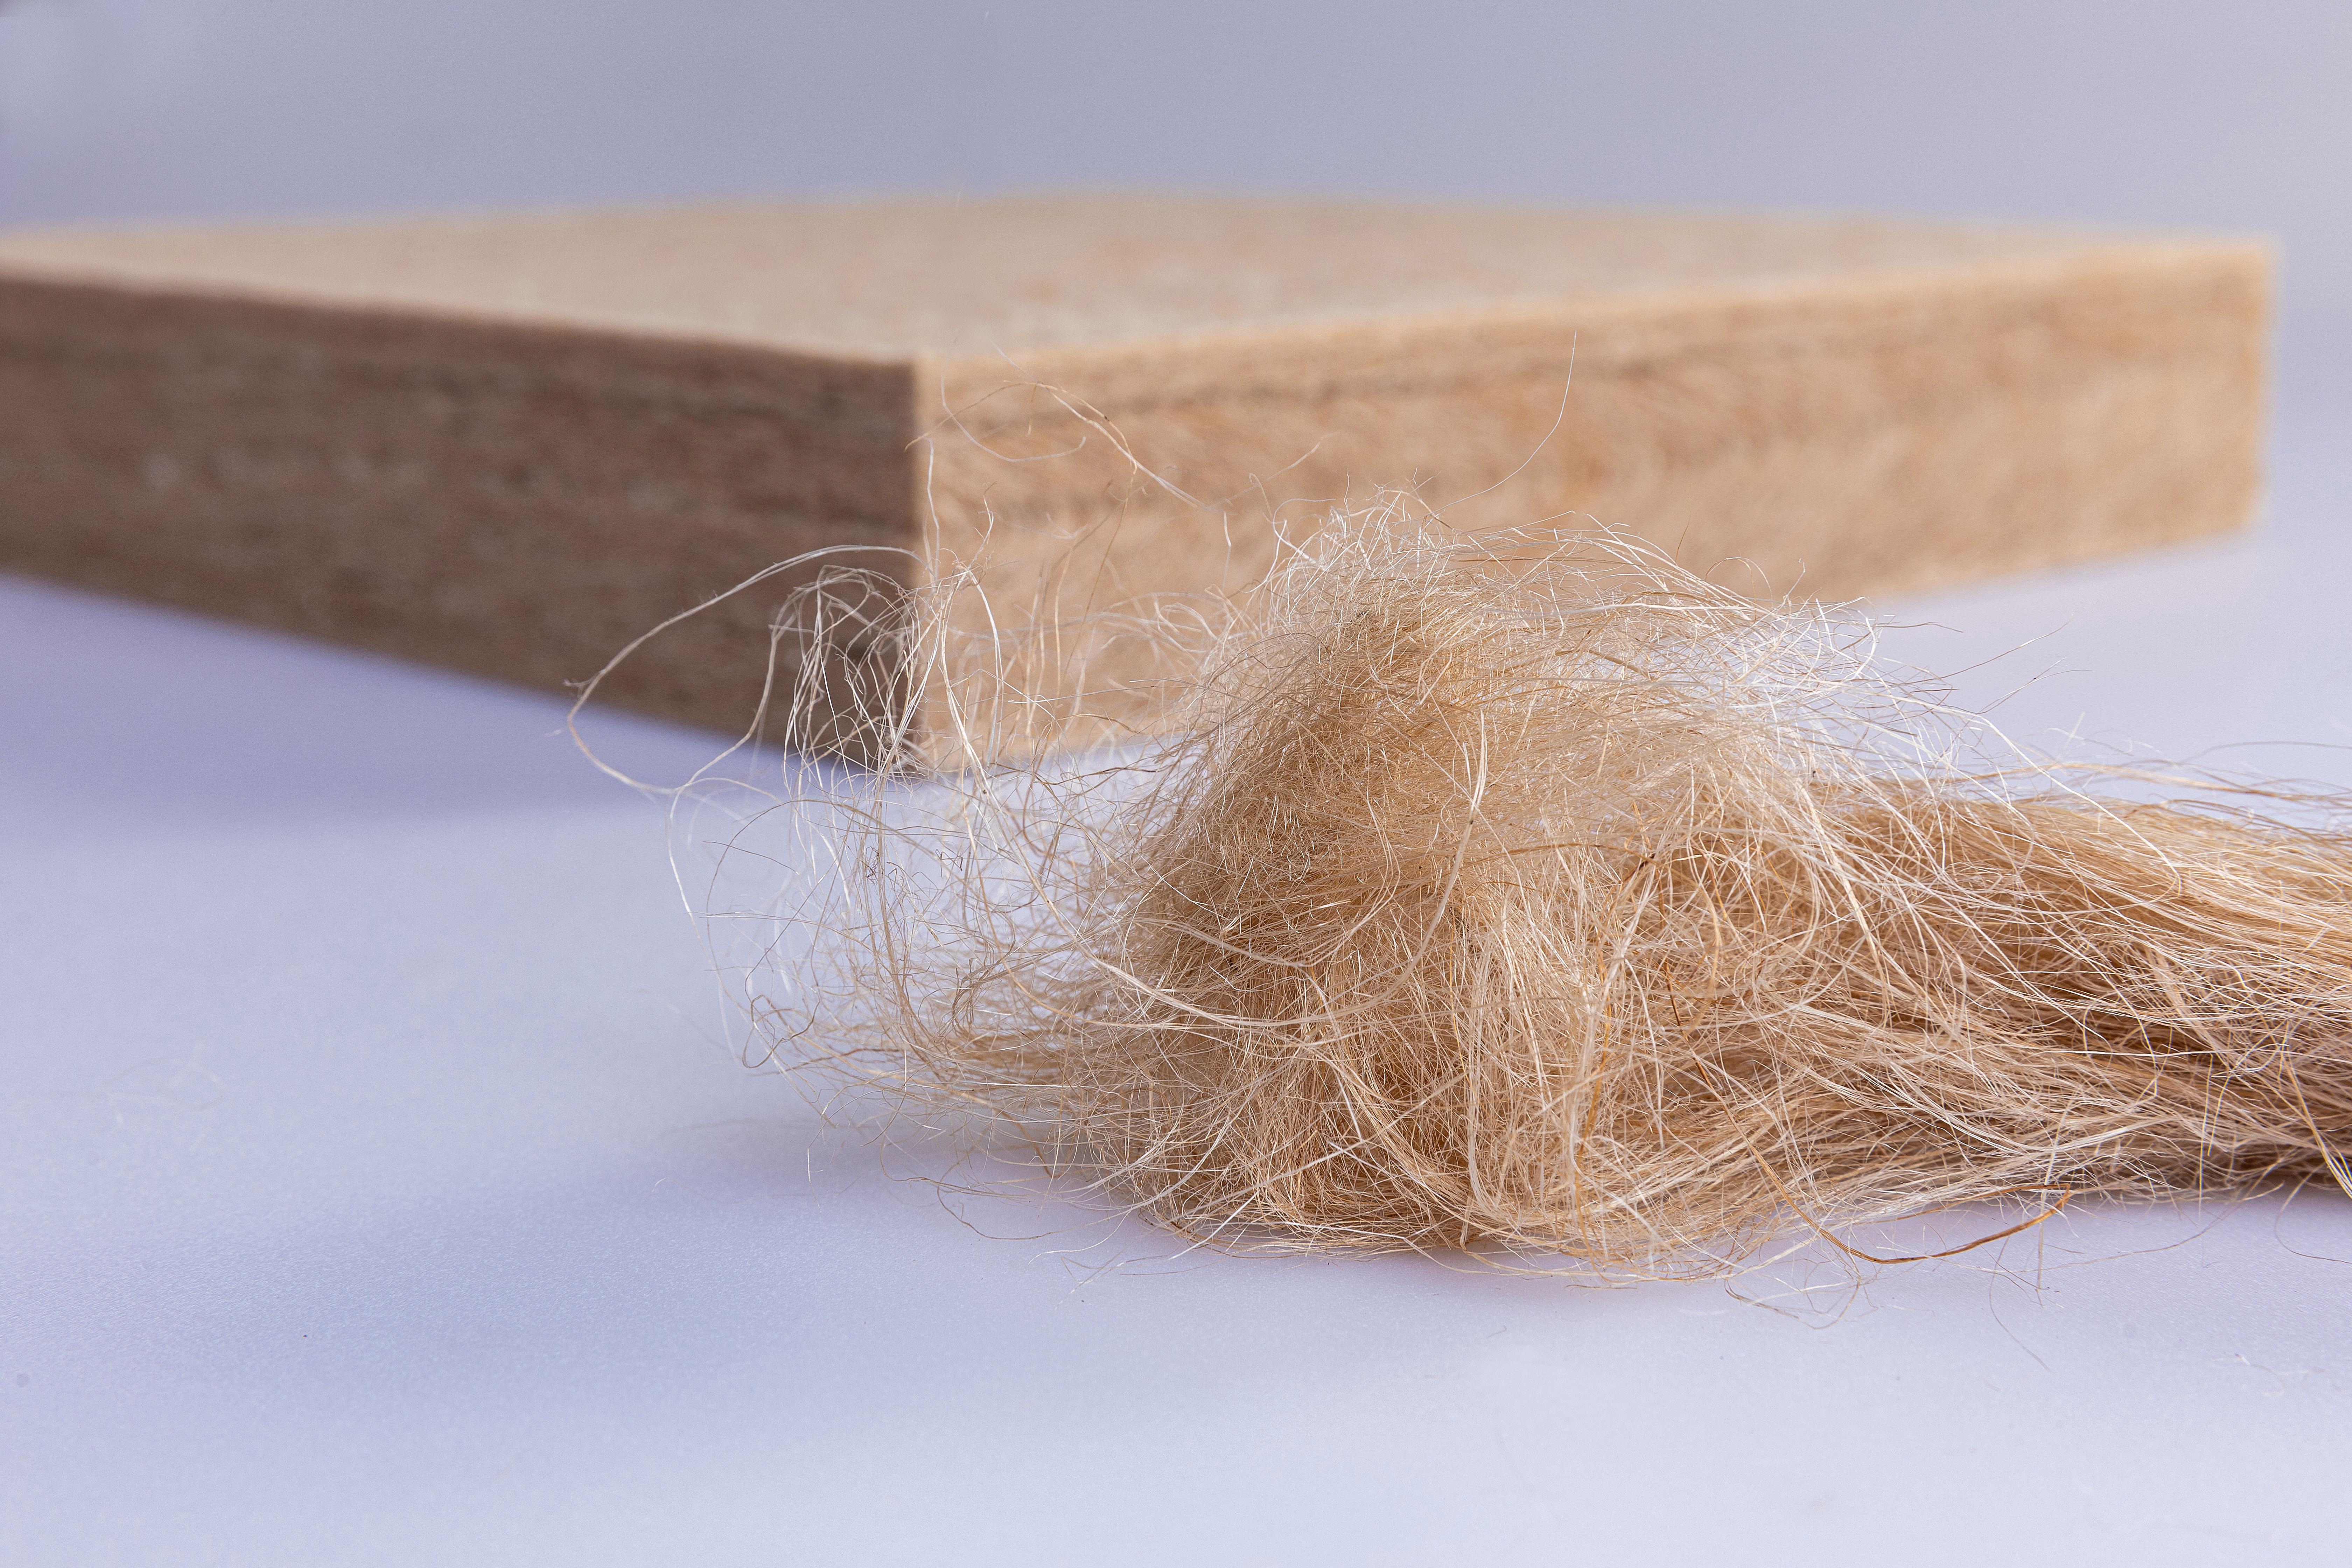 精细黄麻床垫品牌有很多,为什么要推荐苏老伯